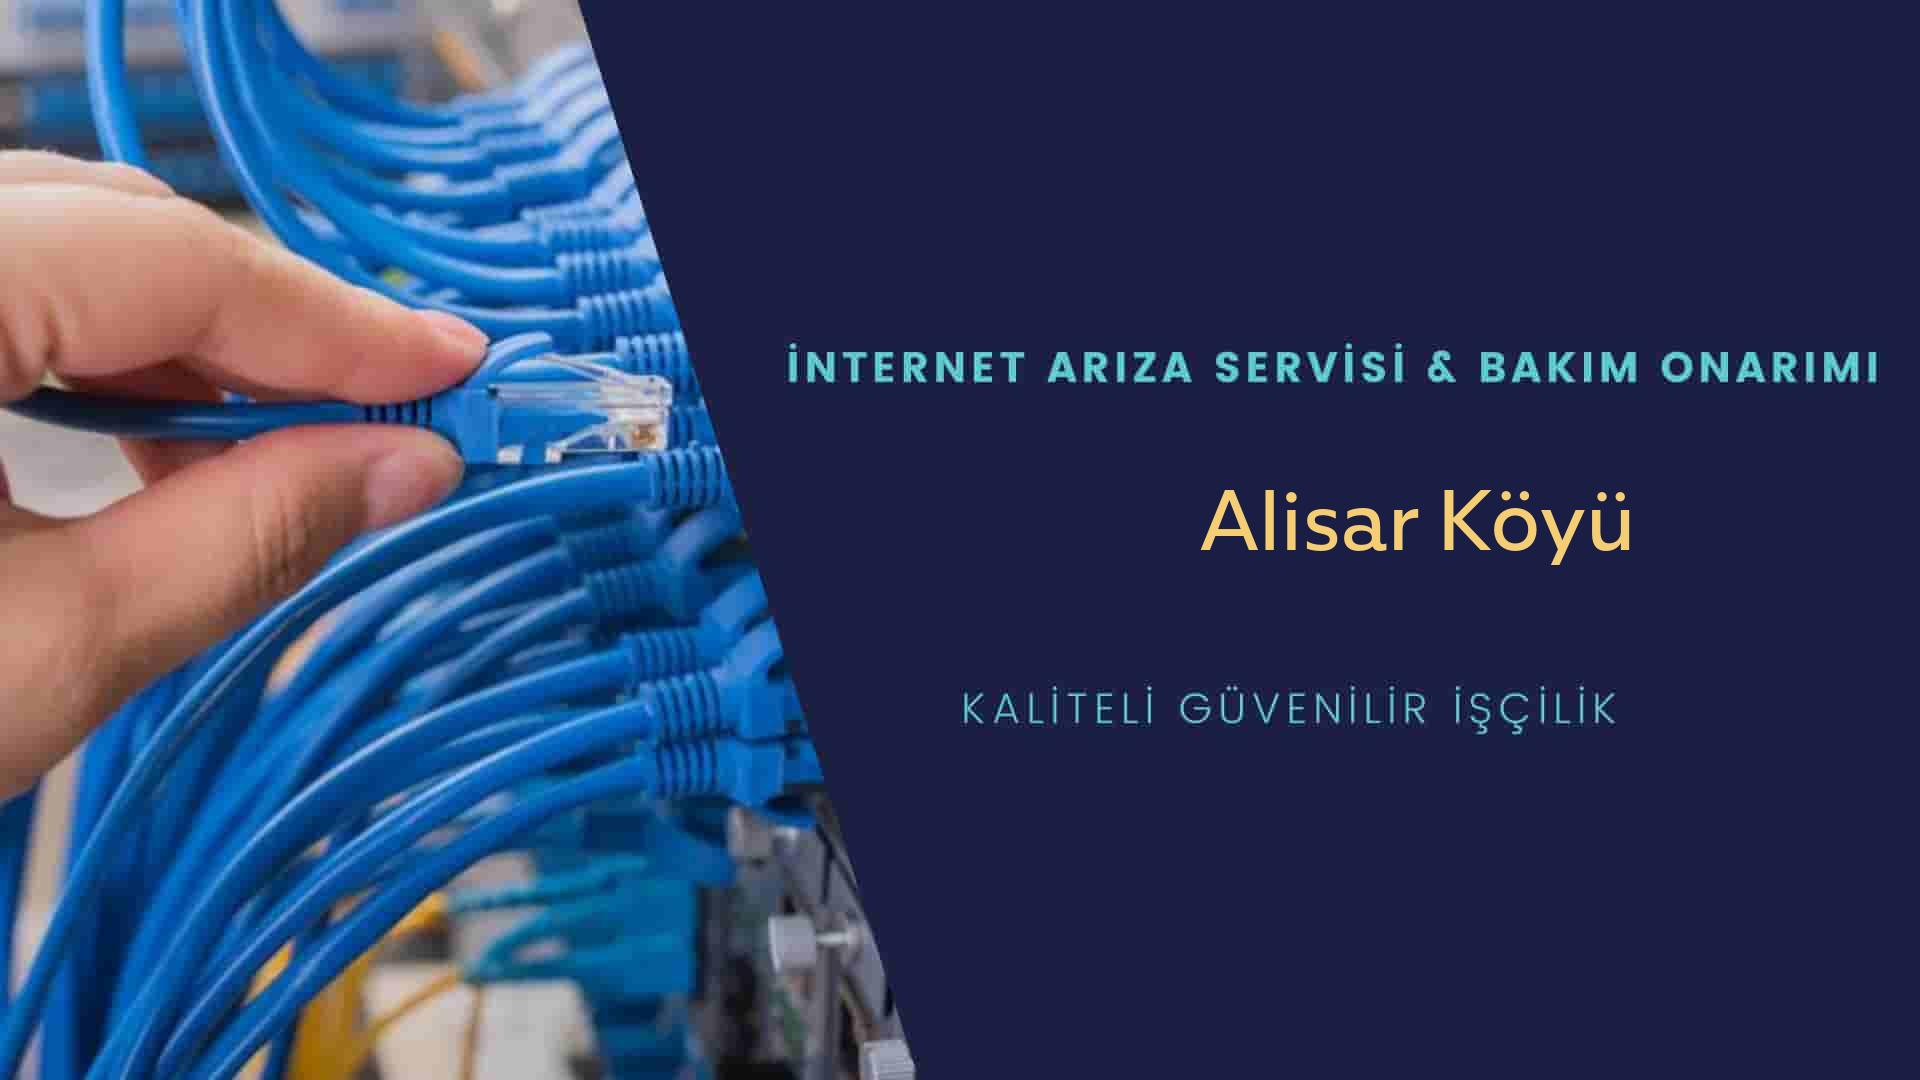 Alişar Köyü internet kablosu çekimi yapan yerler veya elektrikçiler mi? arıyorsunuz doğru yerdesiniz o zaman sizlere 7/24 yardımcı olacak profesyonel ustalarımız bir telefon kadar yakındır size.